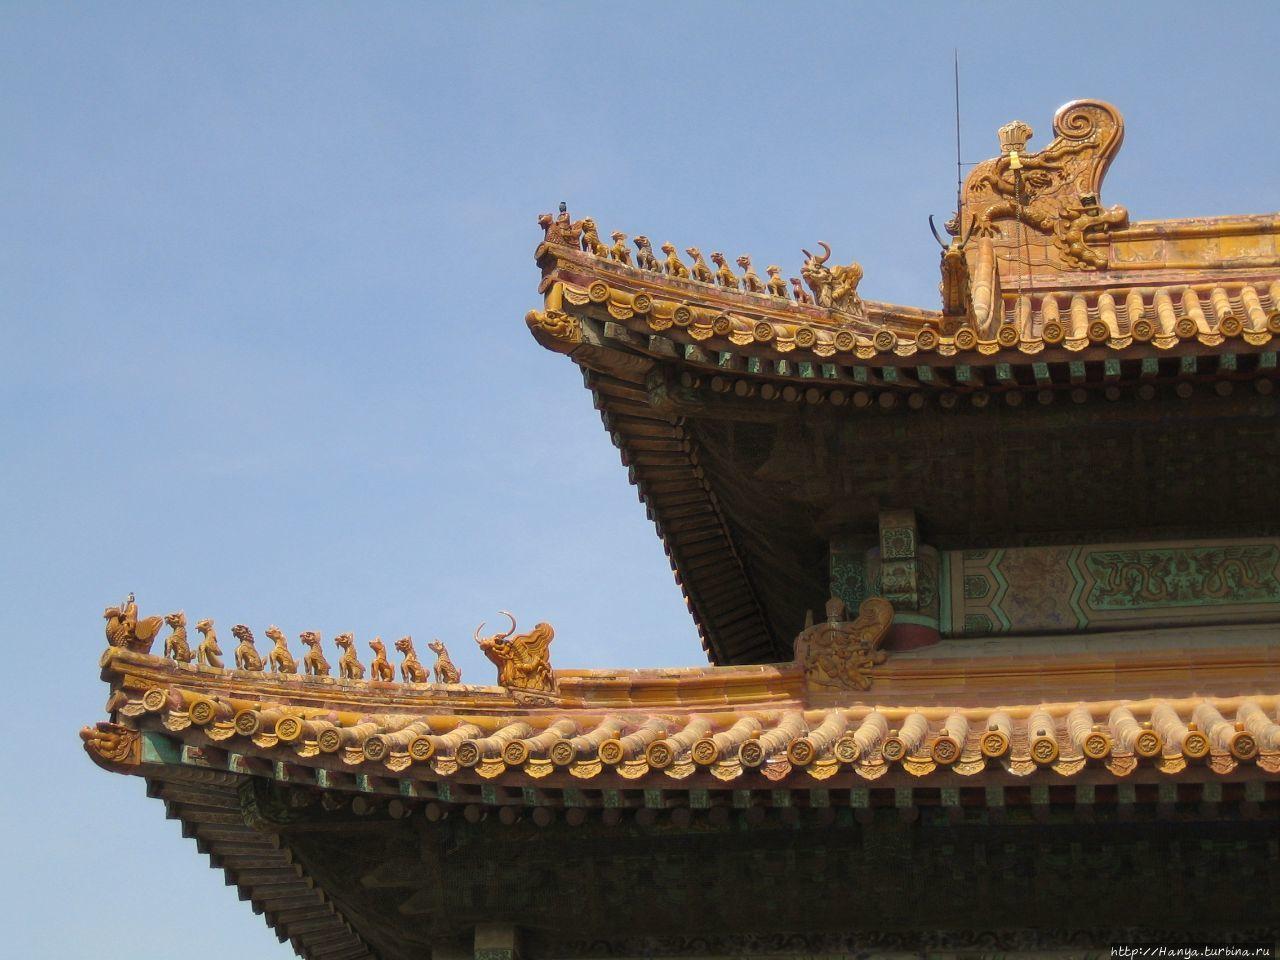 Пекин. Гугун. Конек крыши